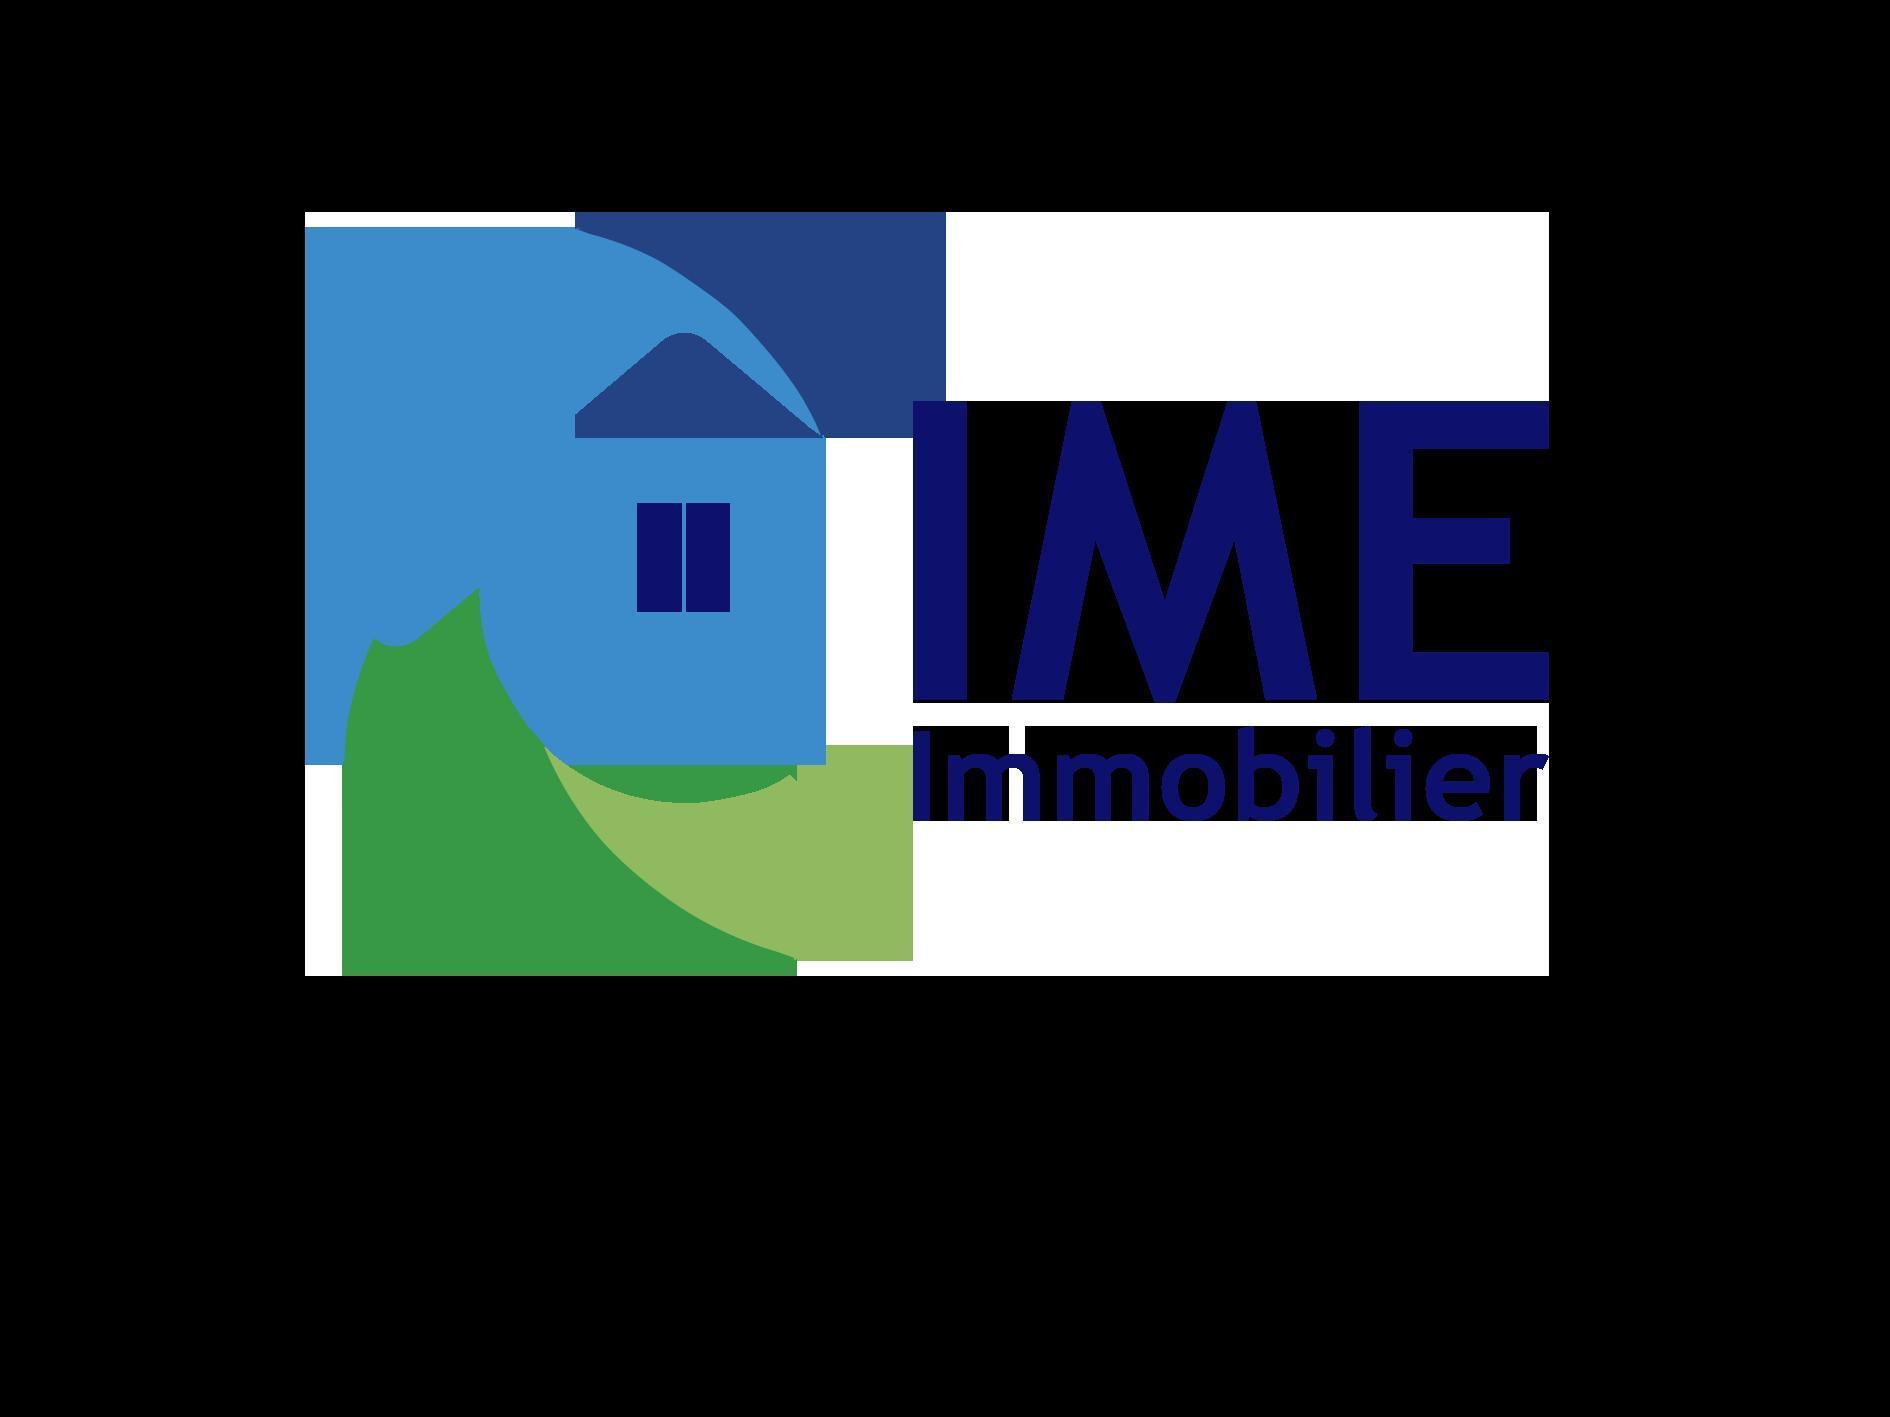 Cime Immobilier- Epinay sur Orge agence immobilière Épinay-sur-Orge (91360)